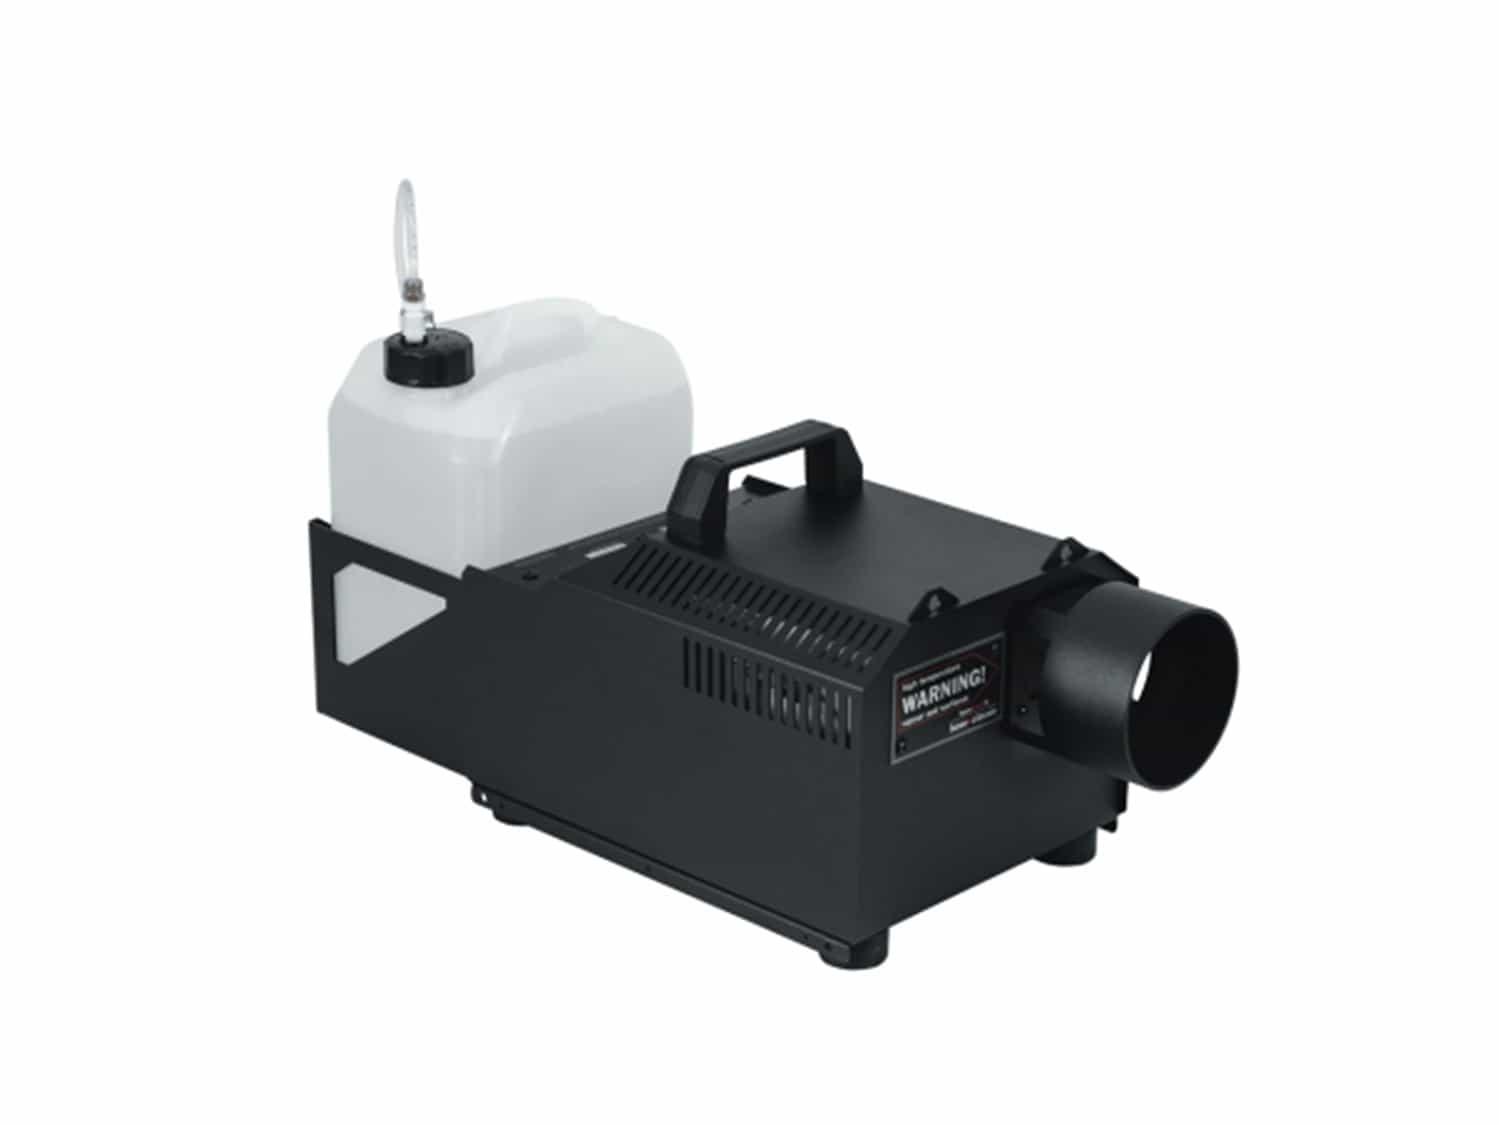 Nebelmaschine hazebase_classic | around GmbH